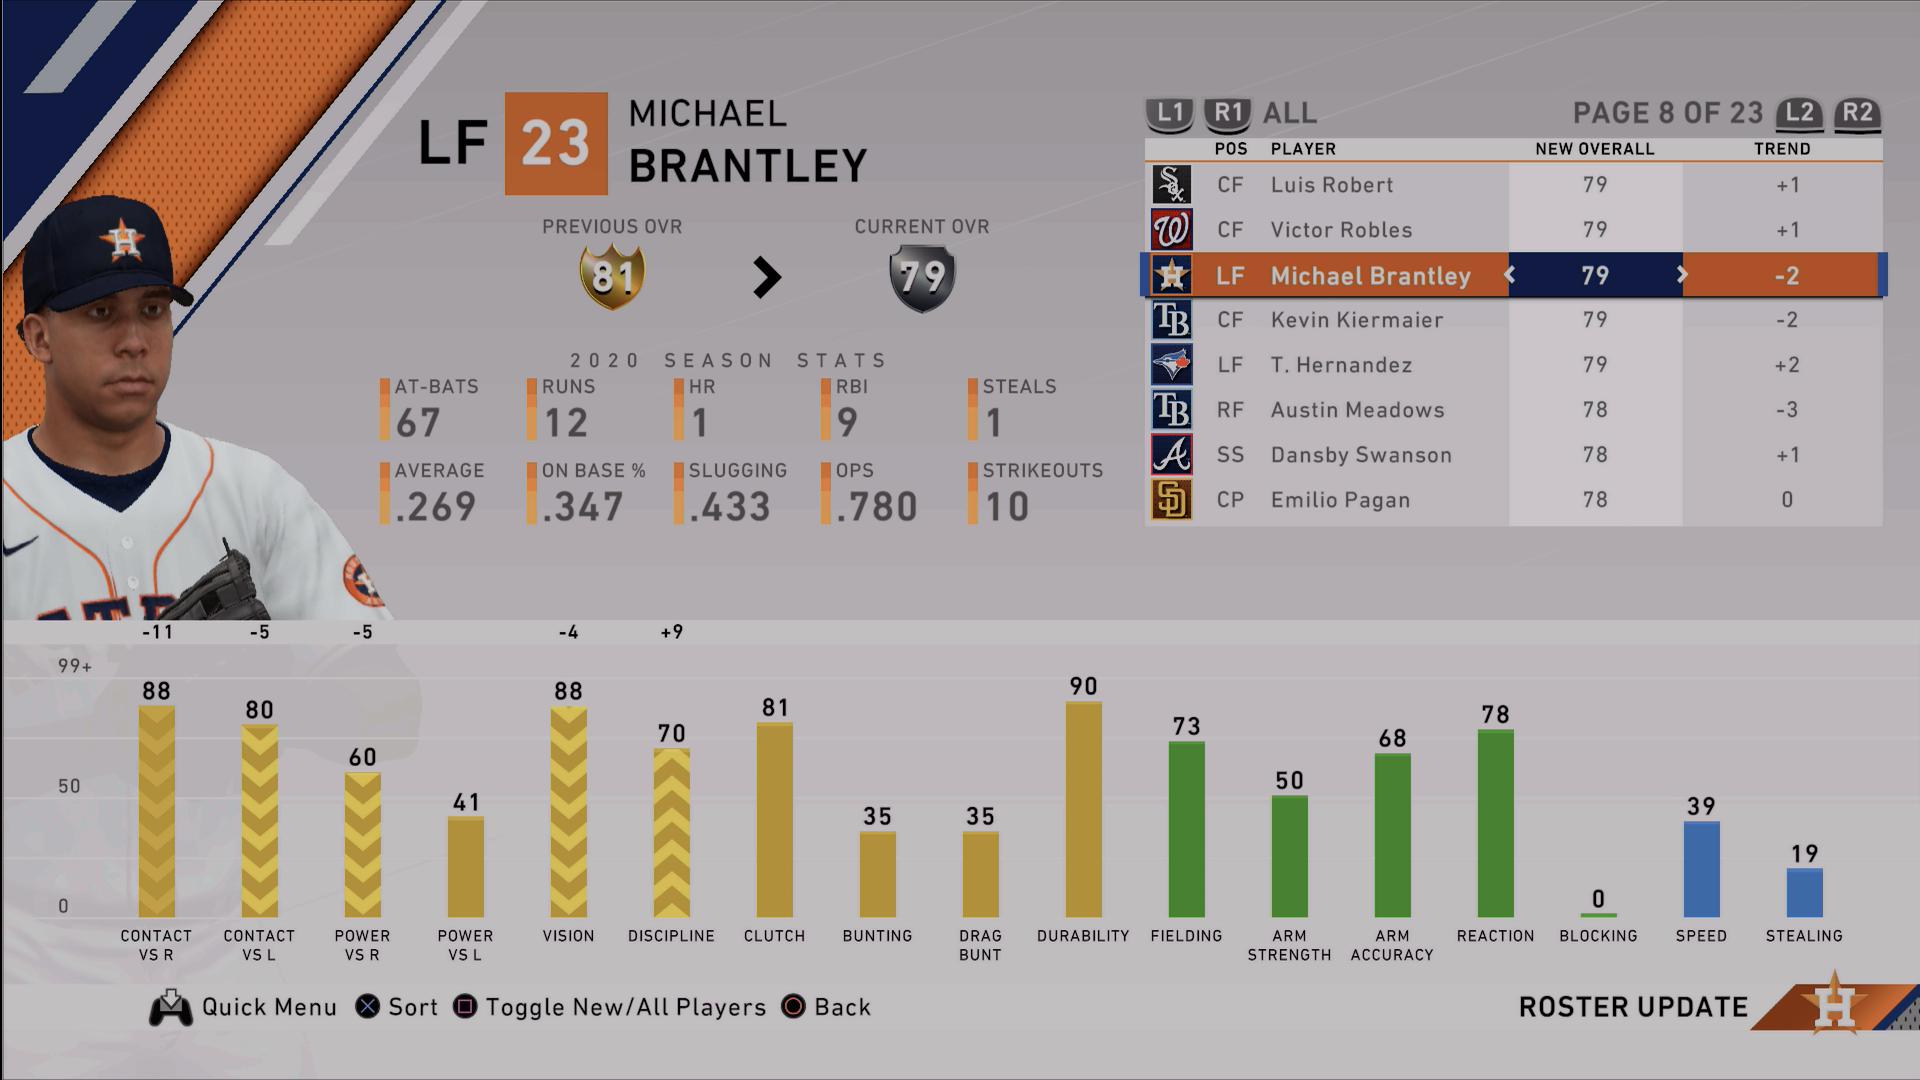 michael-brantley-downgrade-silver